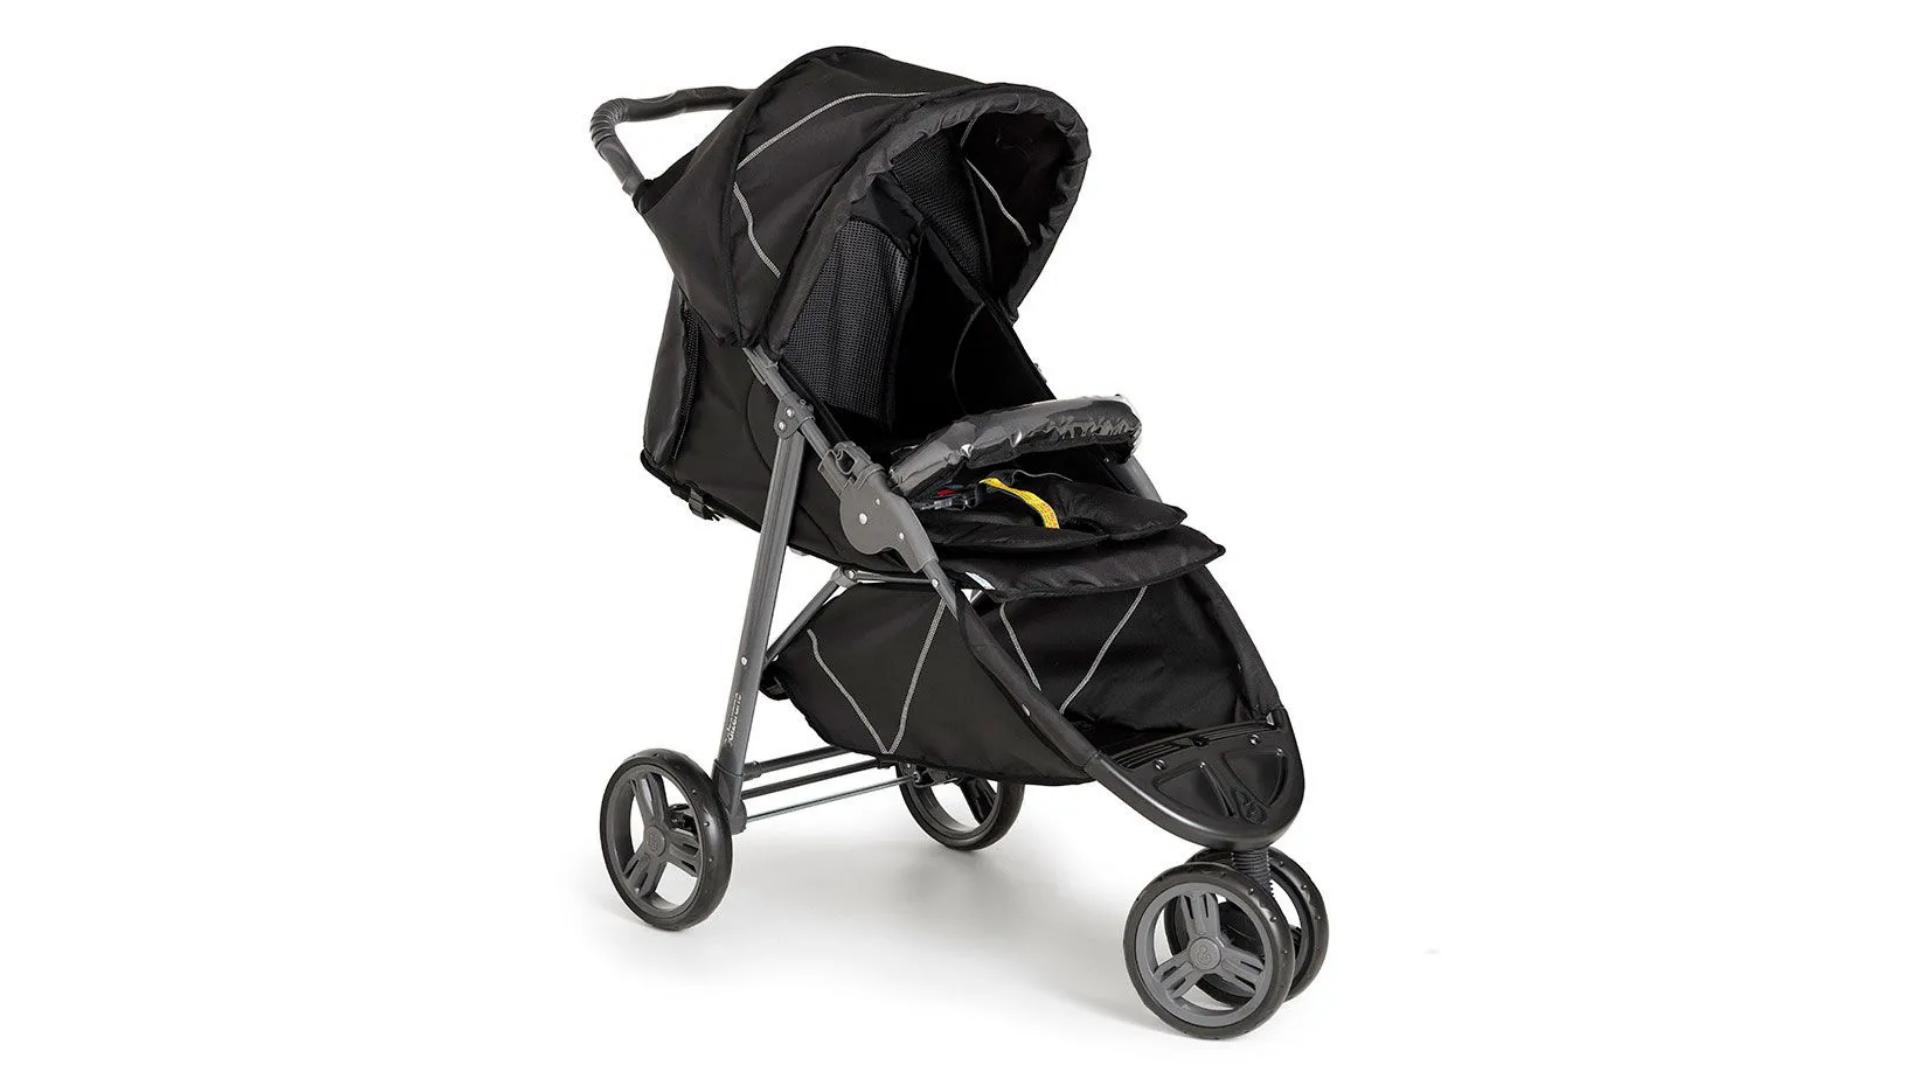 O carrinho de bebê de corrida normalmente conta com 3 rodas (Imagem: Divulgação/Galzerano)